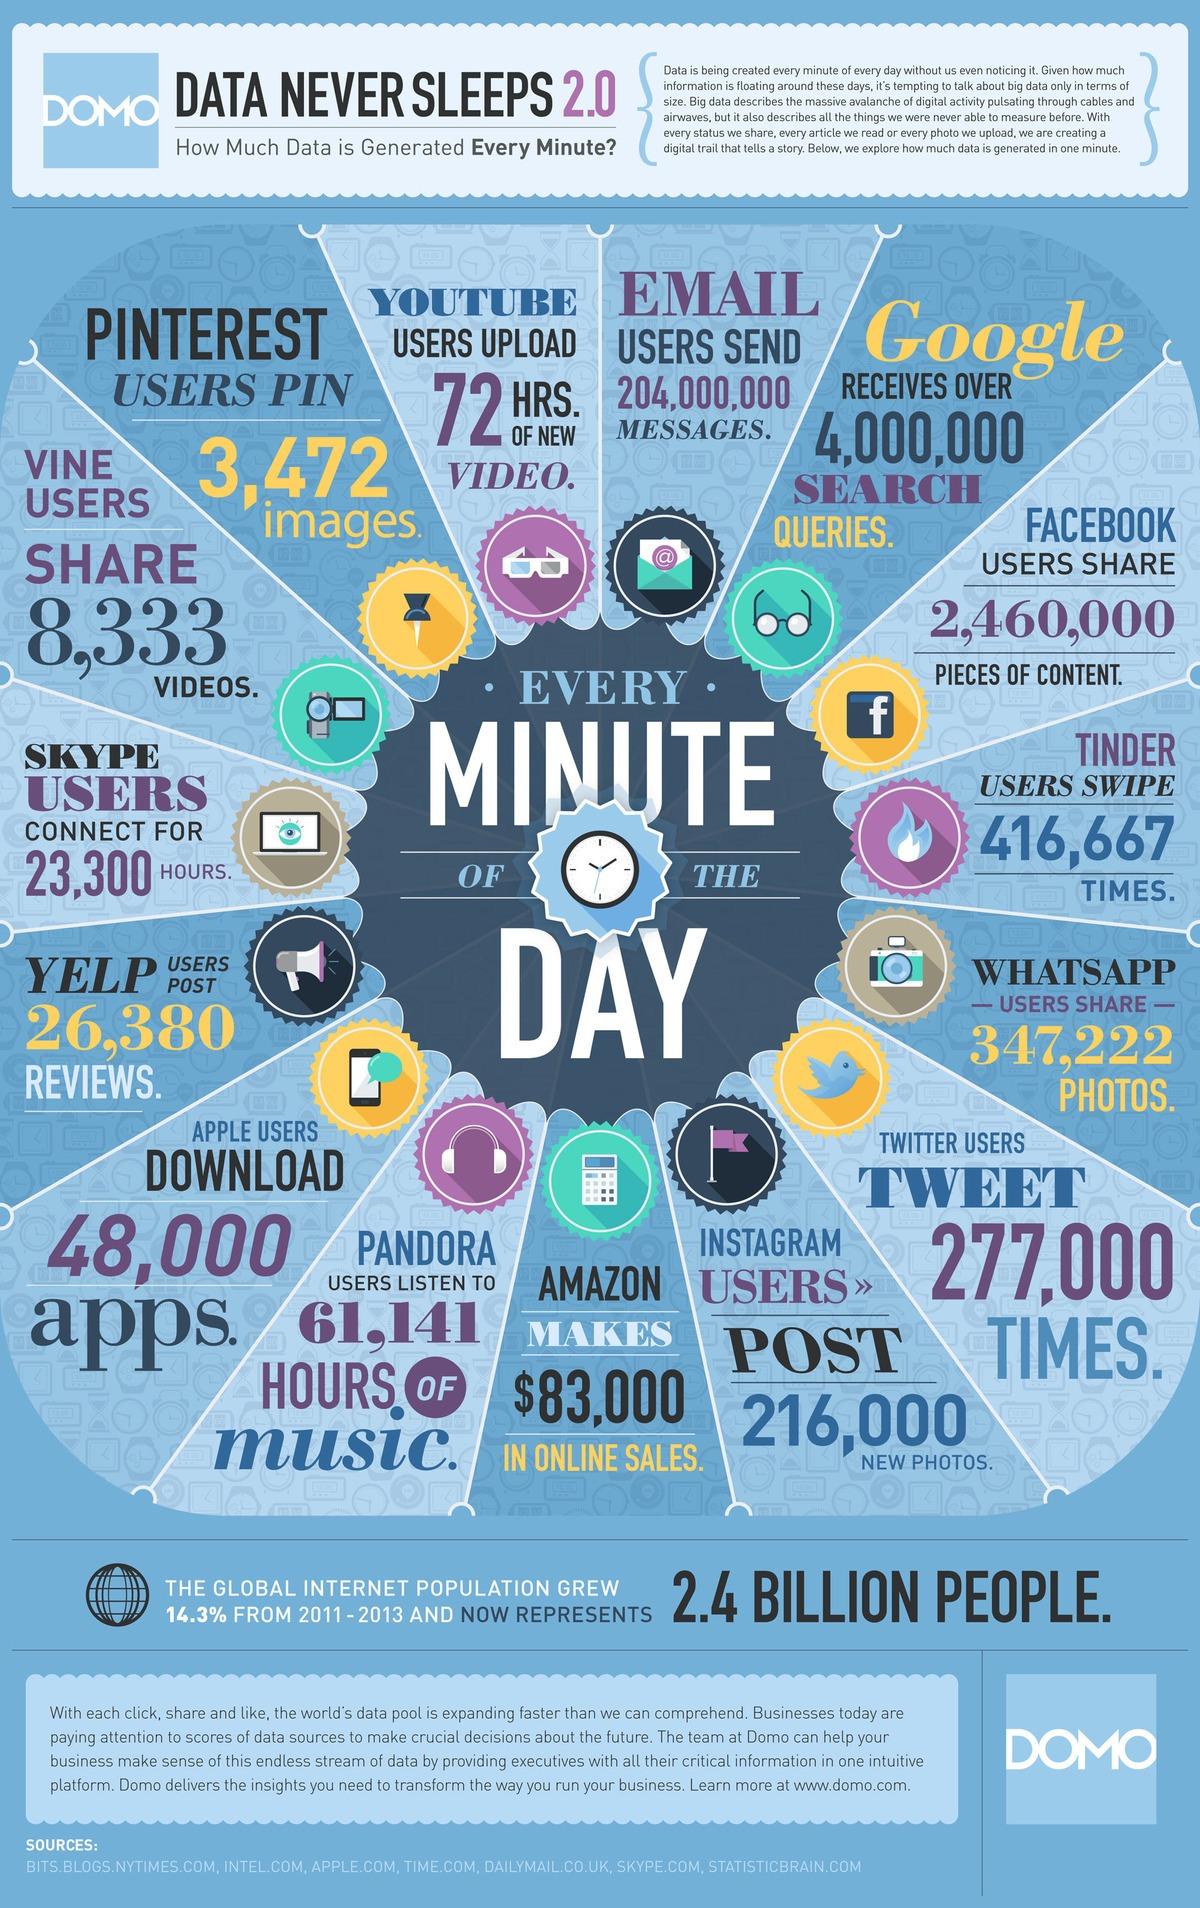 cosa accade in un minuti tra social media ed internet